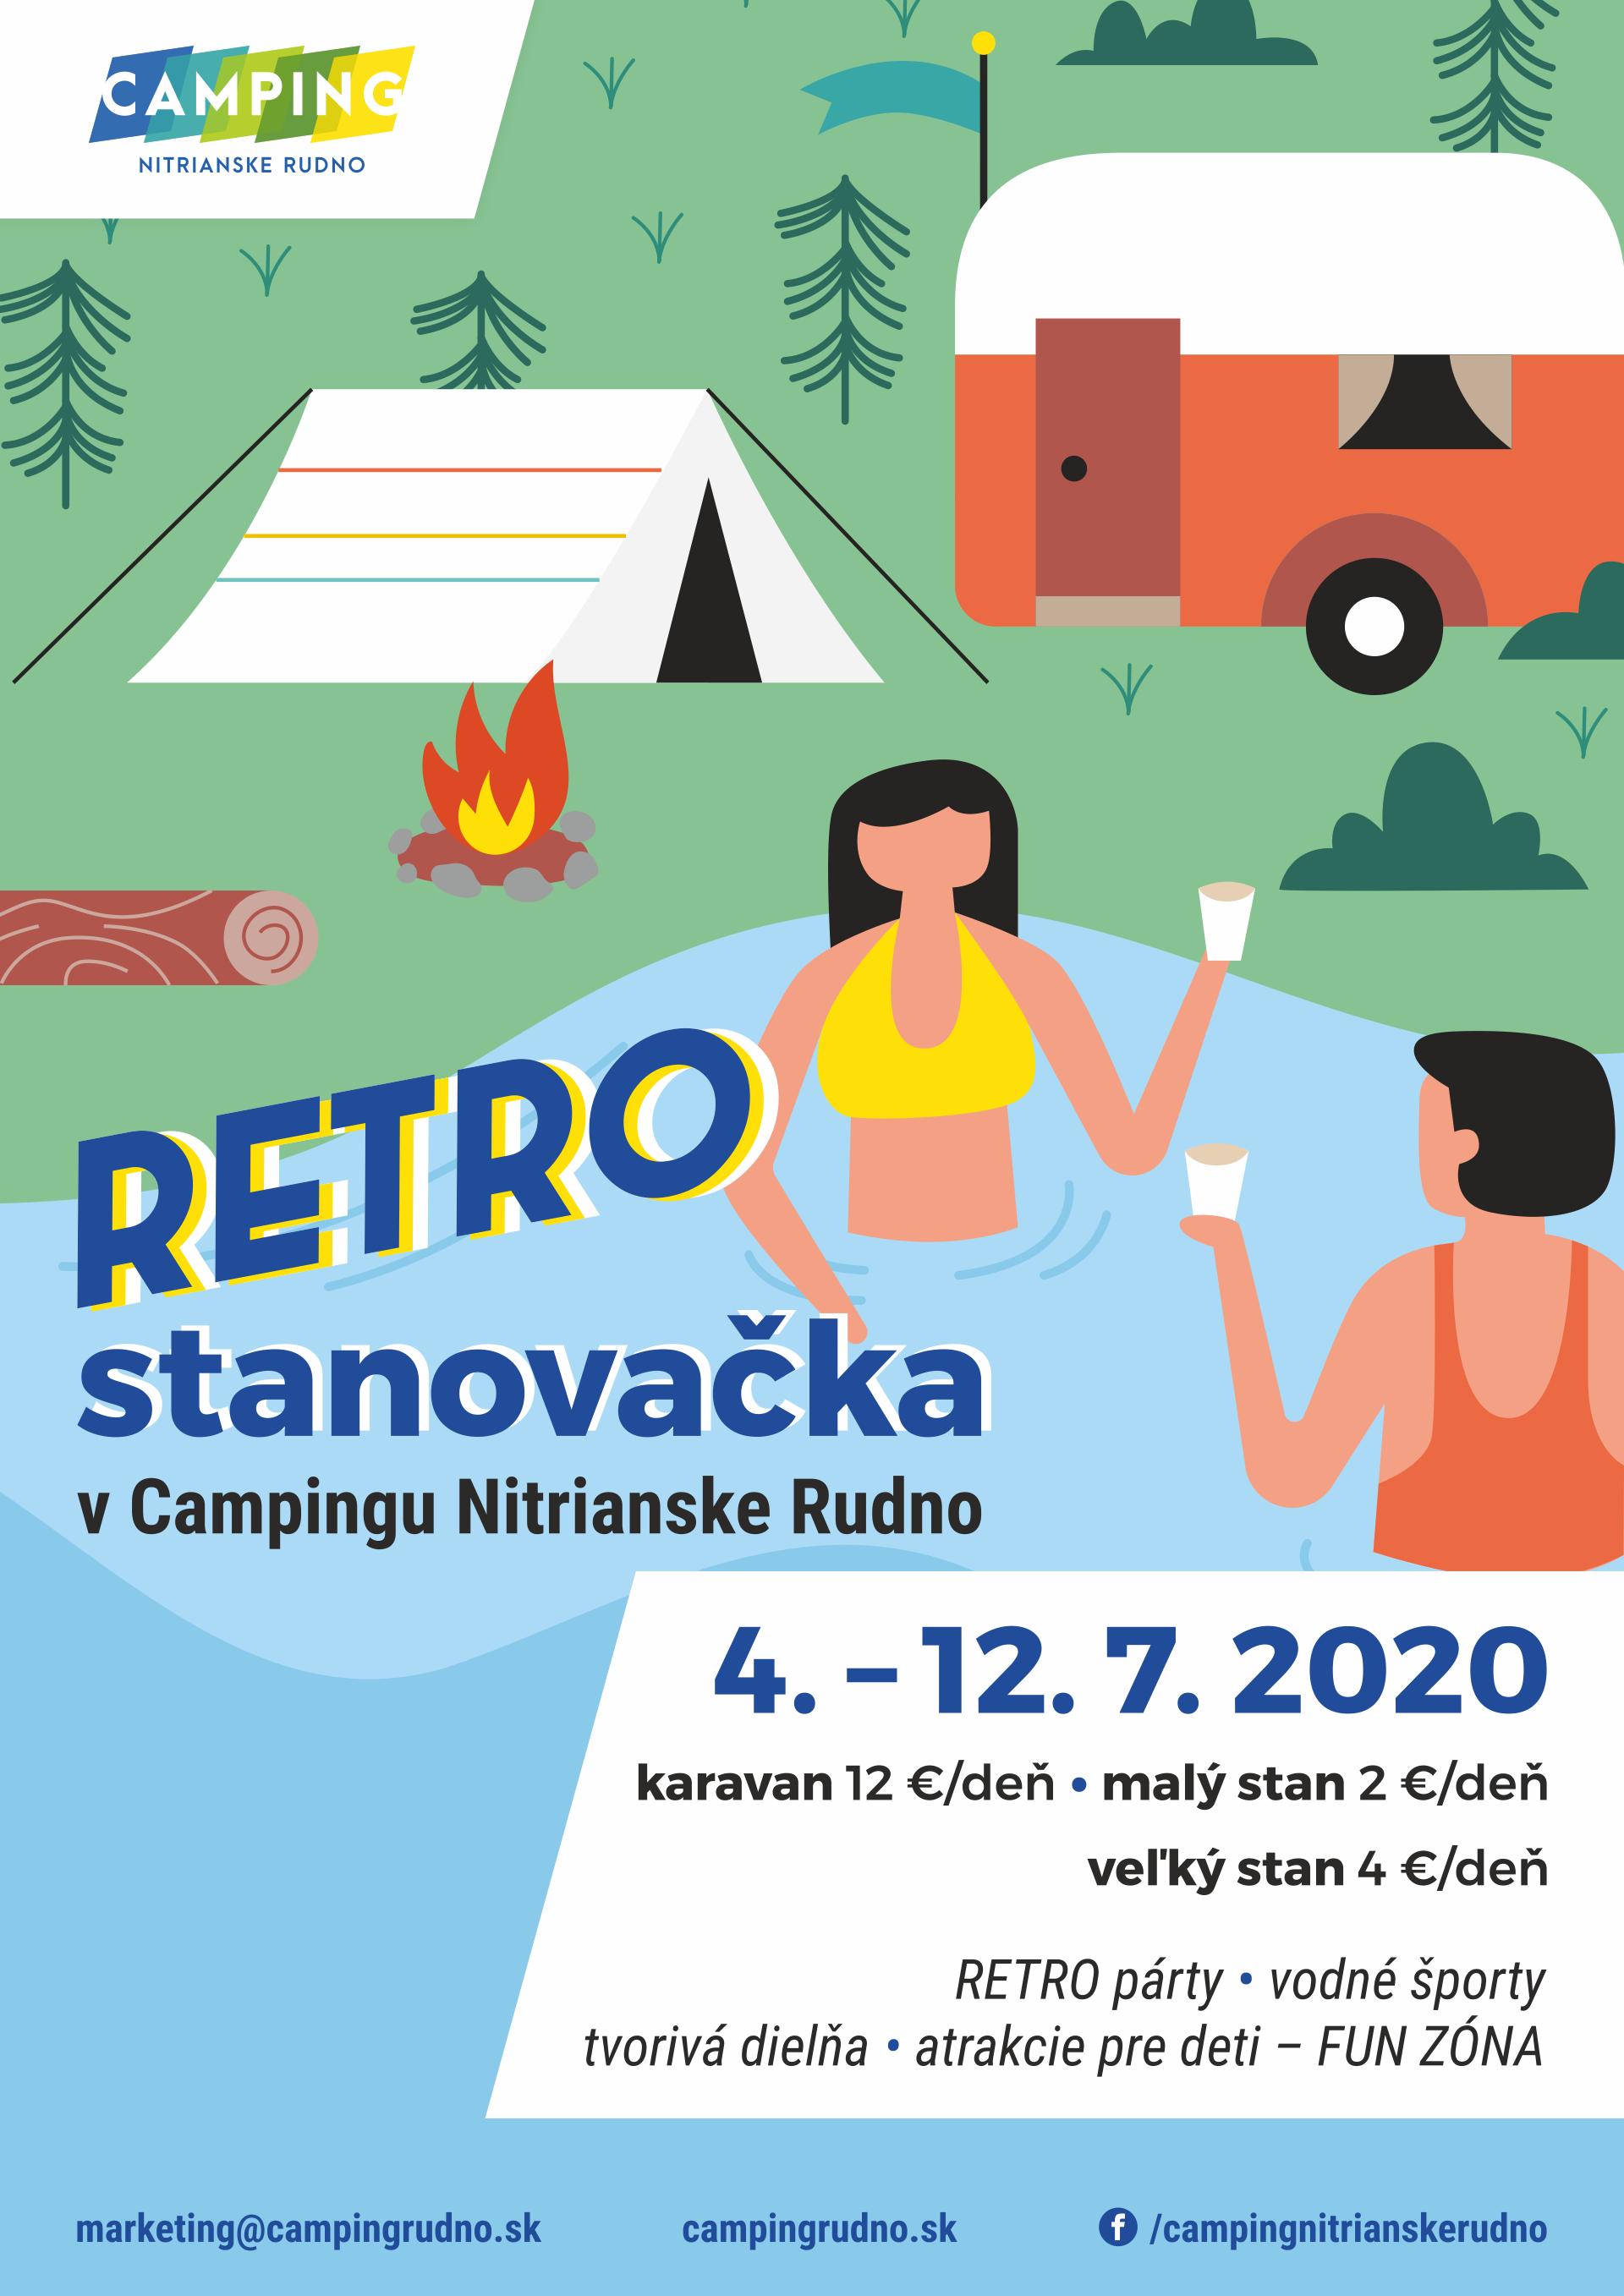 RETRO stanovačka v Camping Nitrianske Rudno